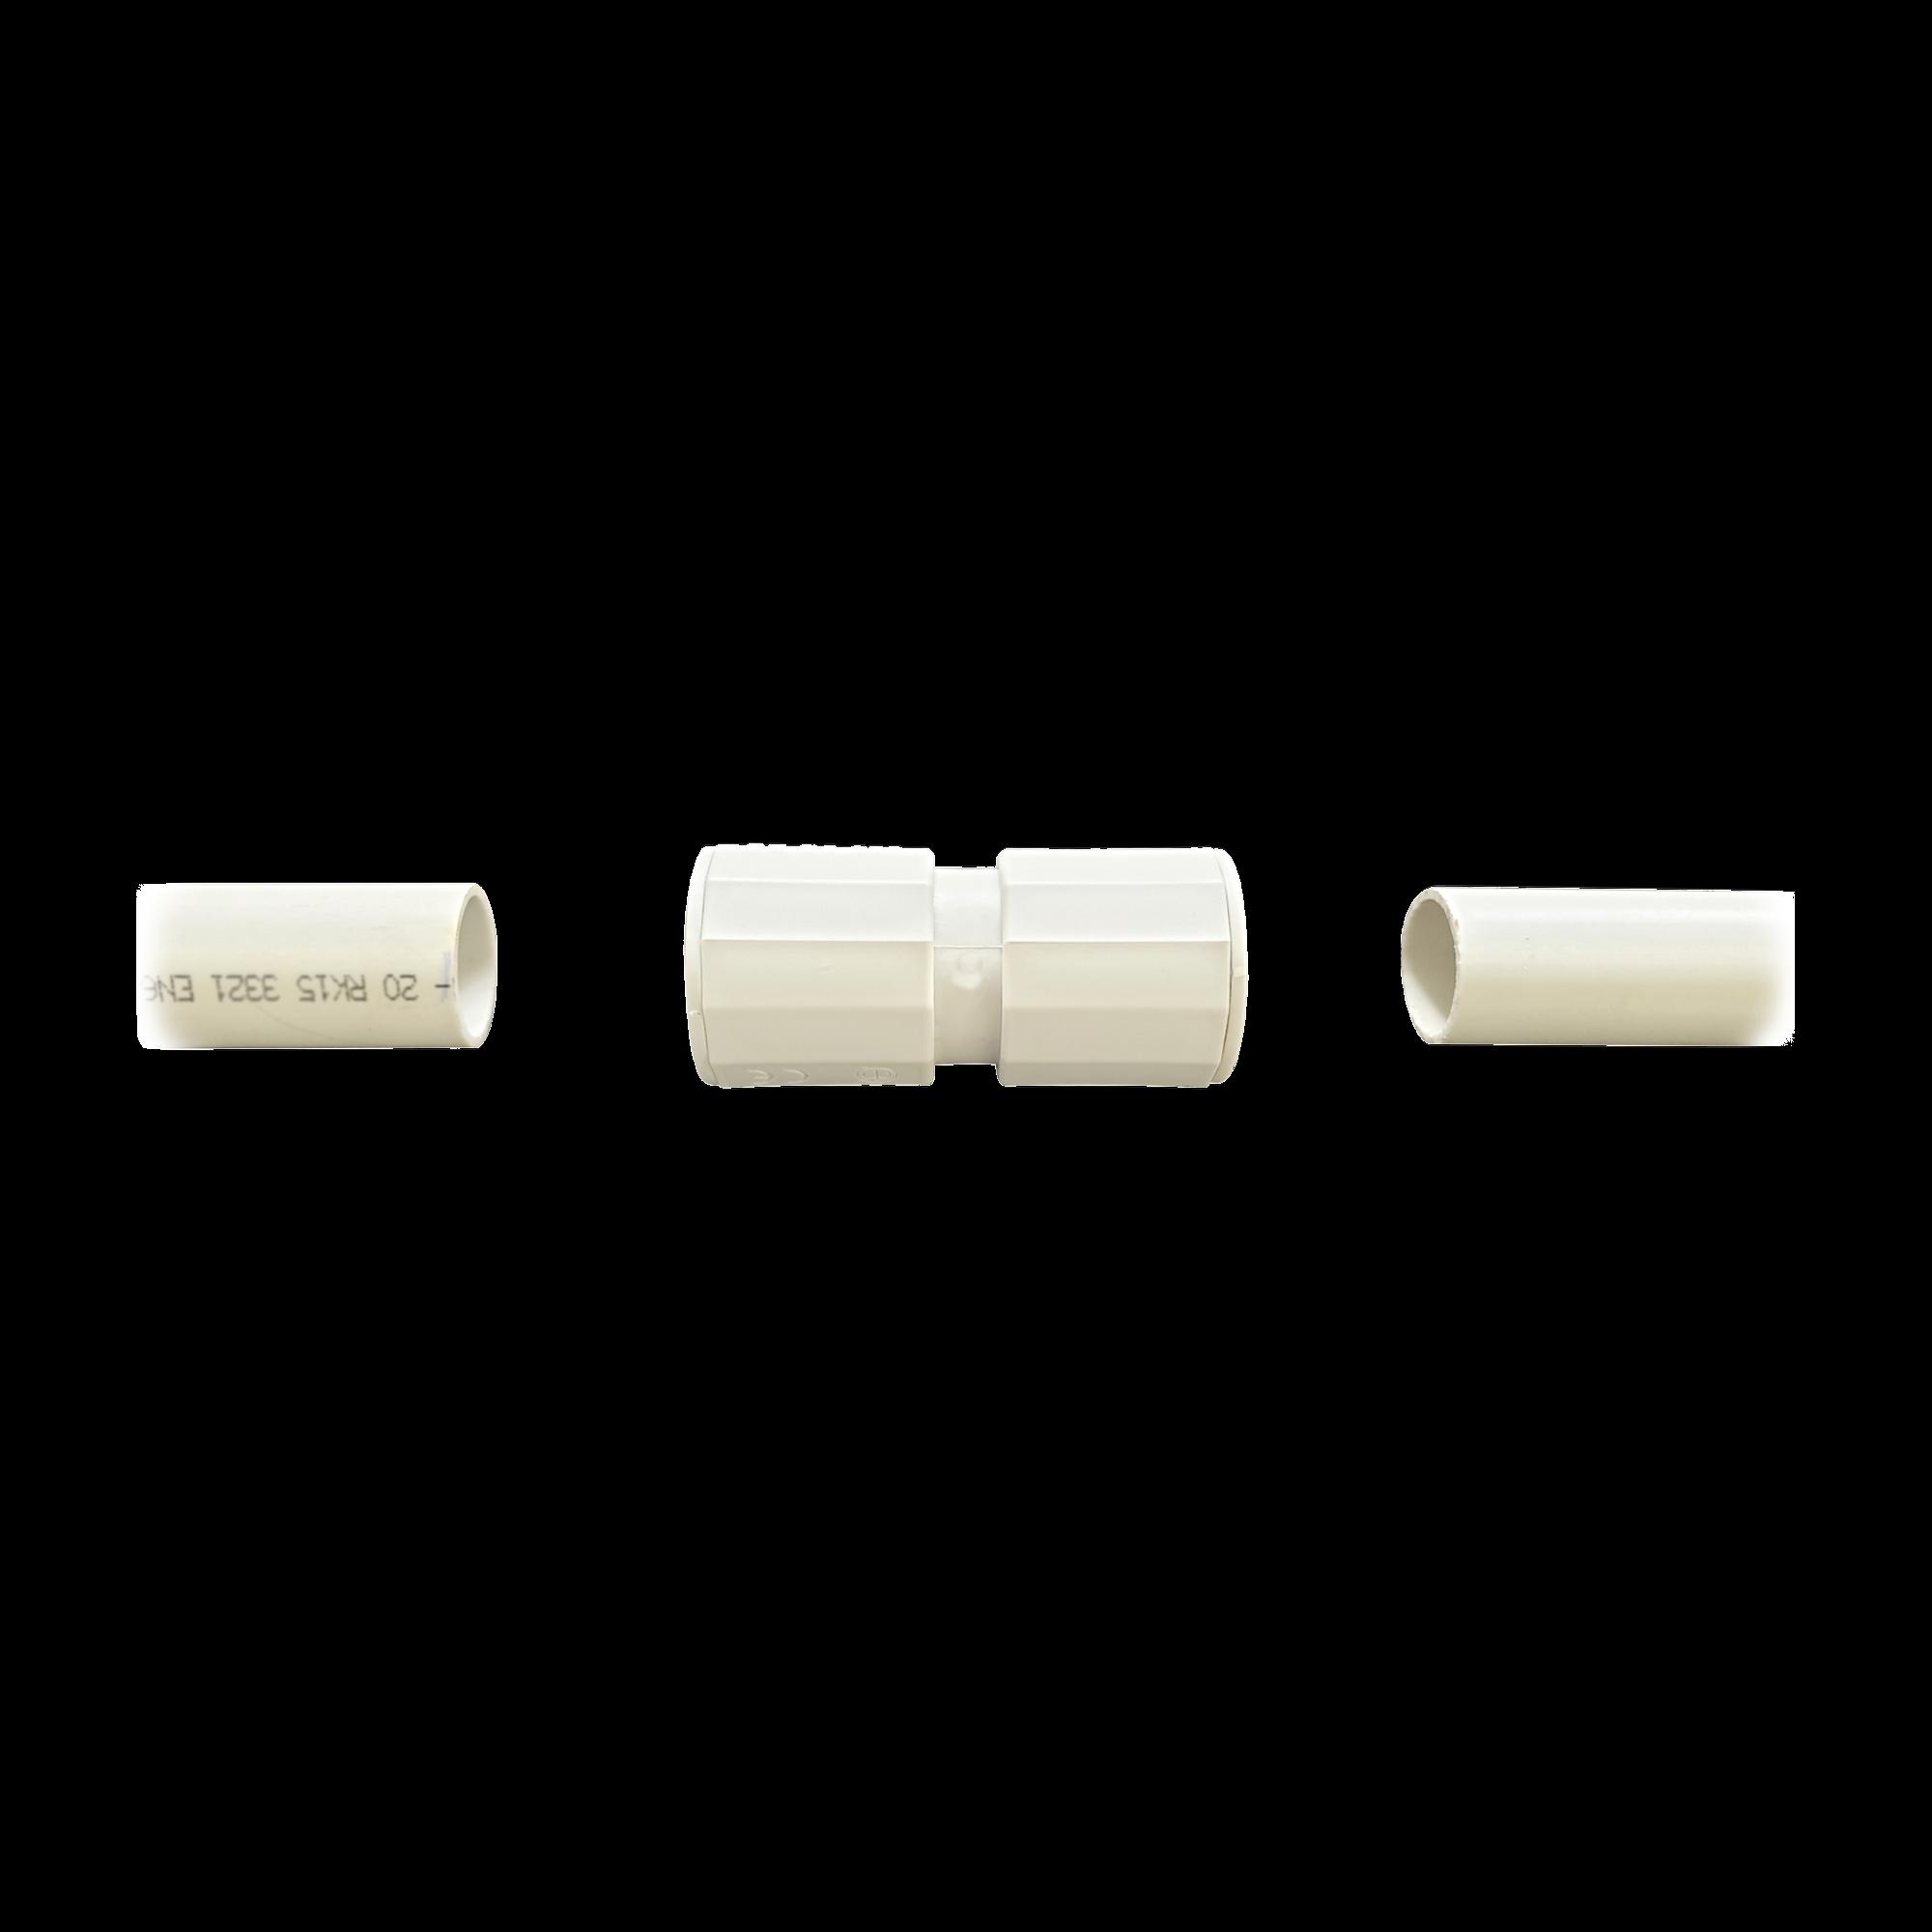 Manguito / Cople Morbidx IP67 libre de halógenos para unir tubería rígida de 20 mm (3/4) permite una instalación hermética no necesita pegamento